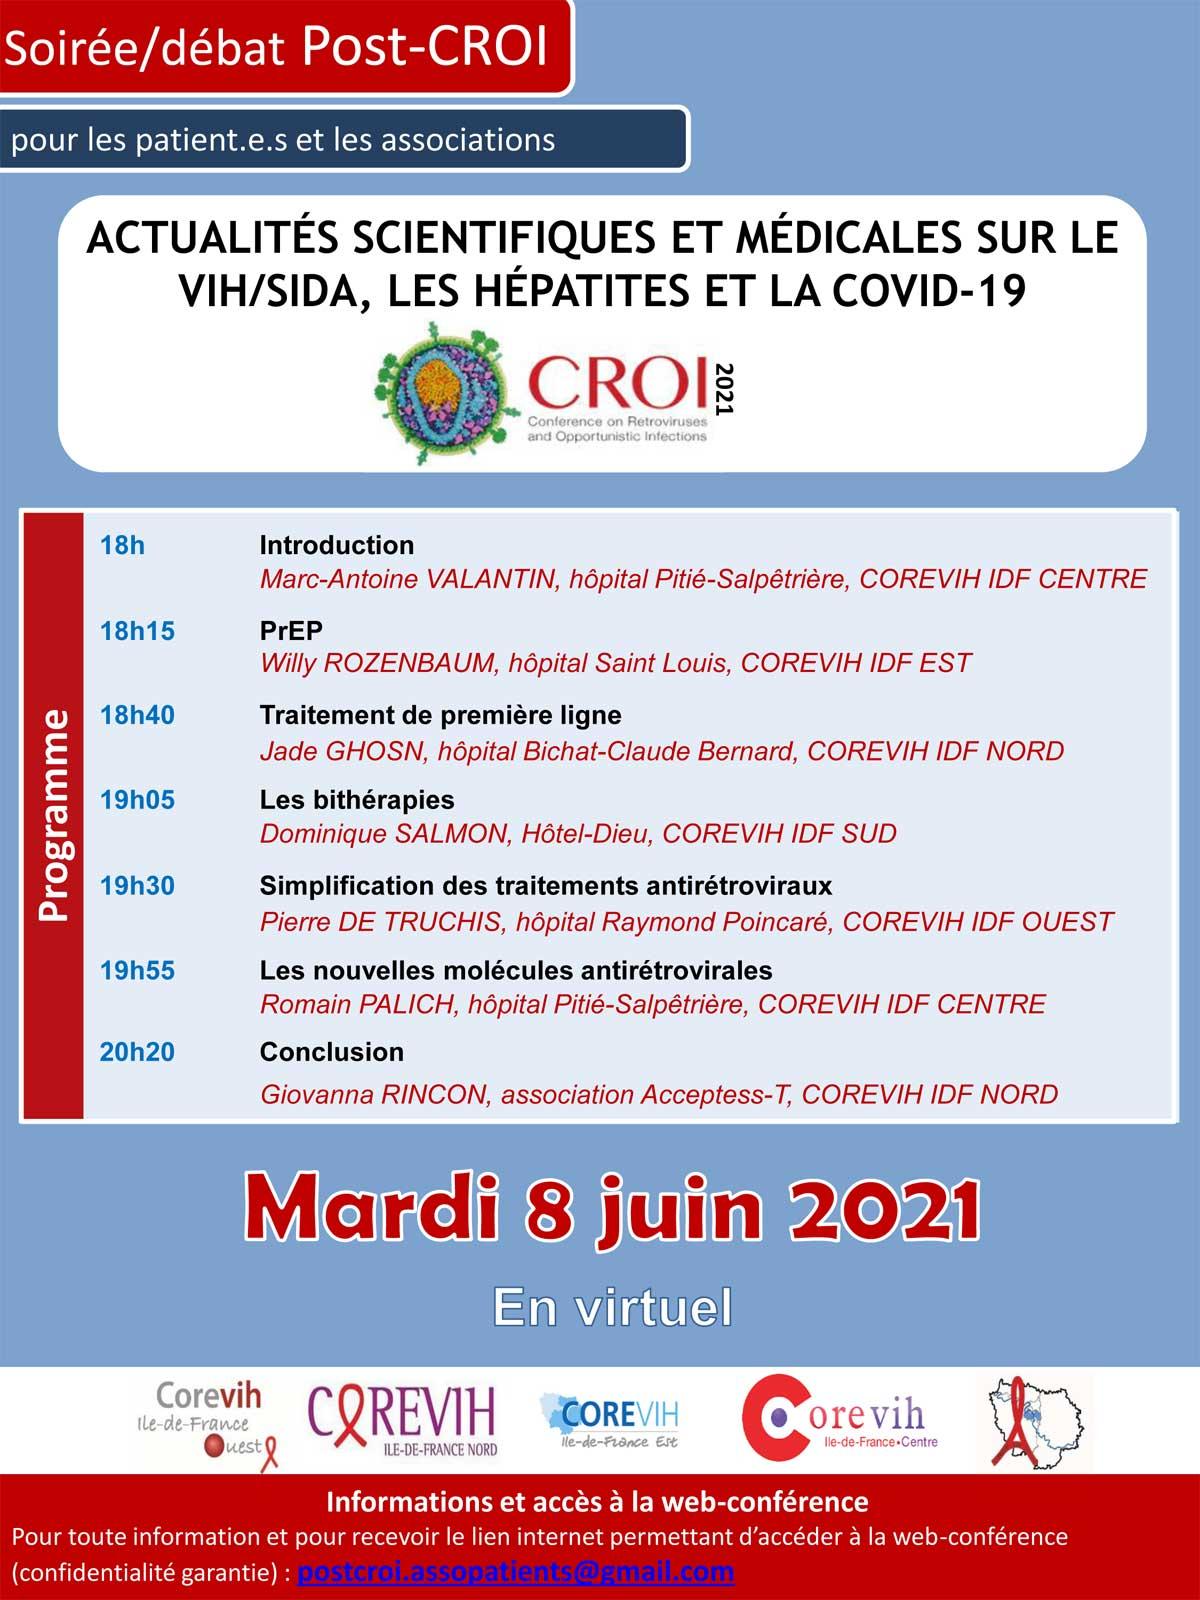 Soirée / débat post CROI - 08 juin 2021